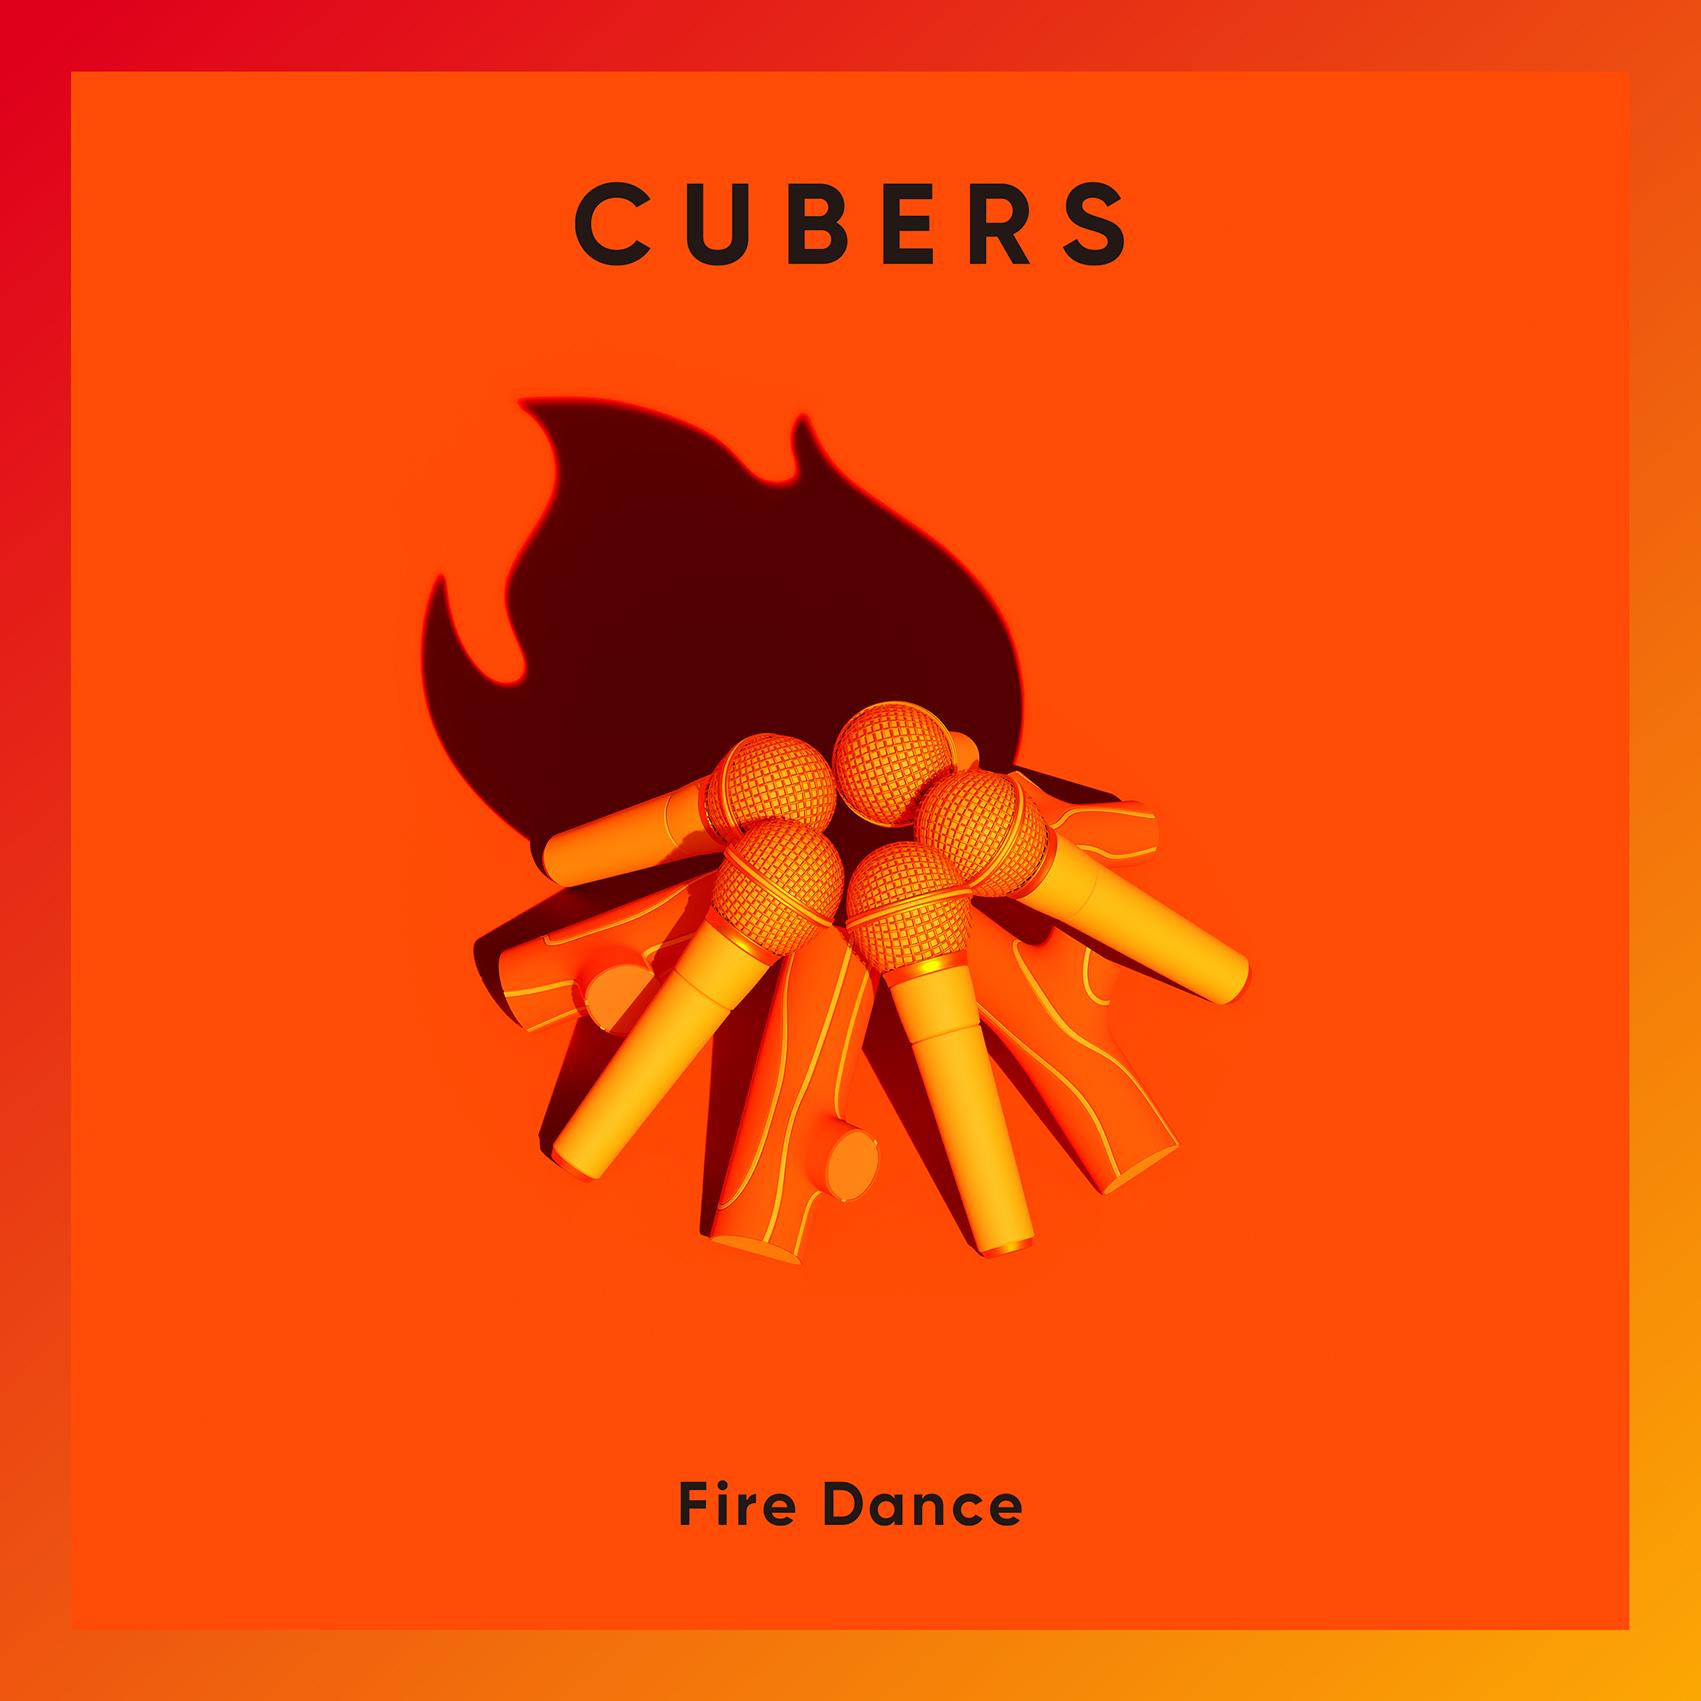 ★☆12月25日発売 Loppi・HMV限定シングルの楽曲タイトルは「Fire Dance」!収録内容とジャケット写真が解禁★☆